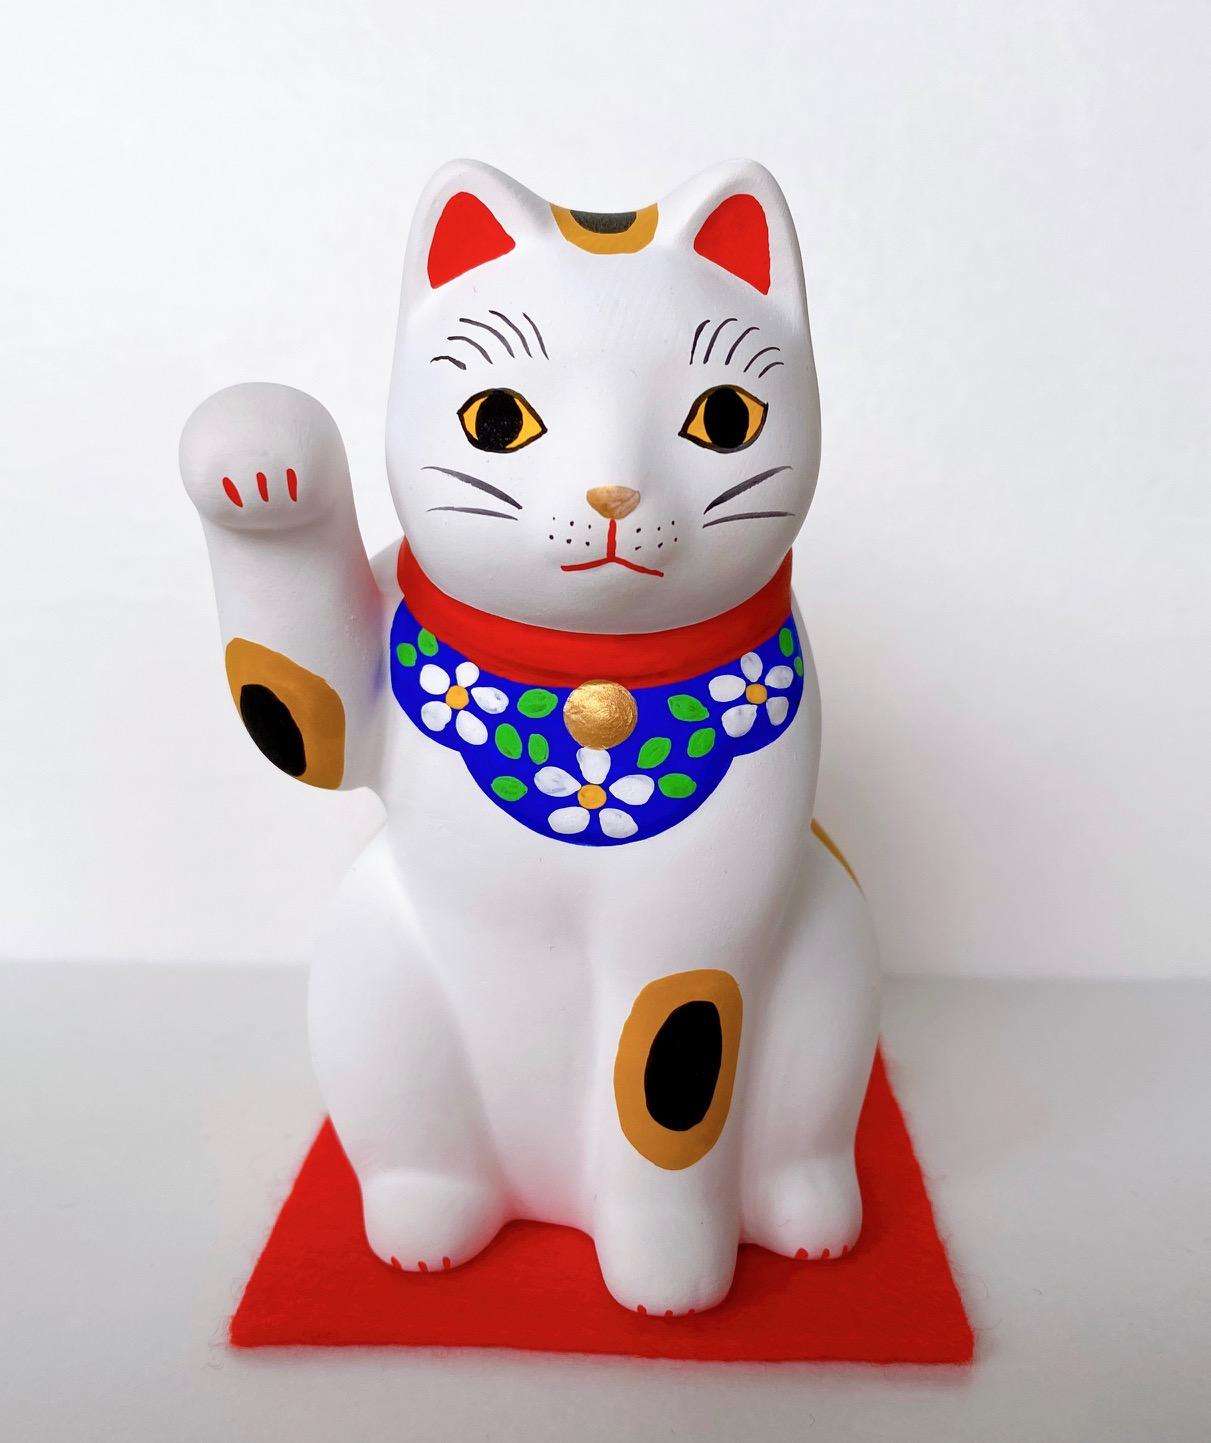 招き猫 開運 谷中猫 開店祝い 幸せを願う贈物 猫谷中堂